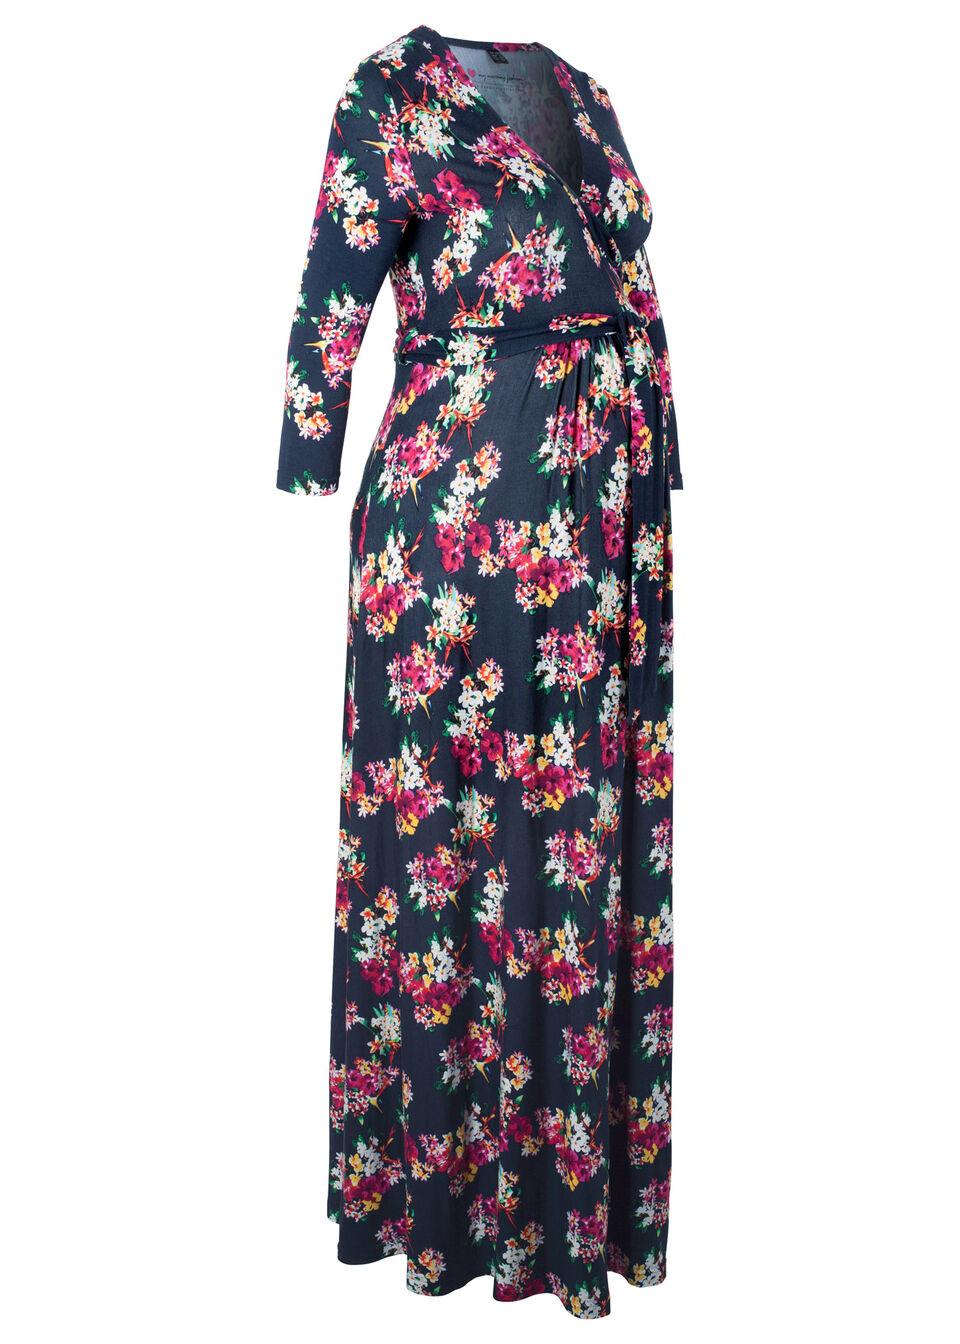 Для будущих и кормящих мам: трикотажное платье, bonprix, синий в цветочек  - купить со скидкой